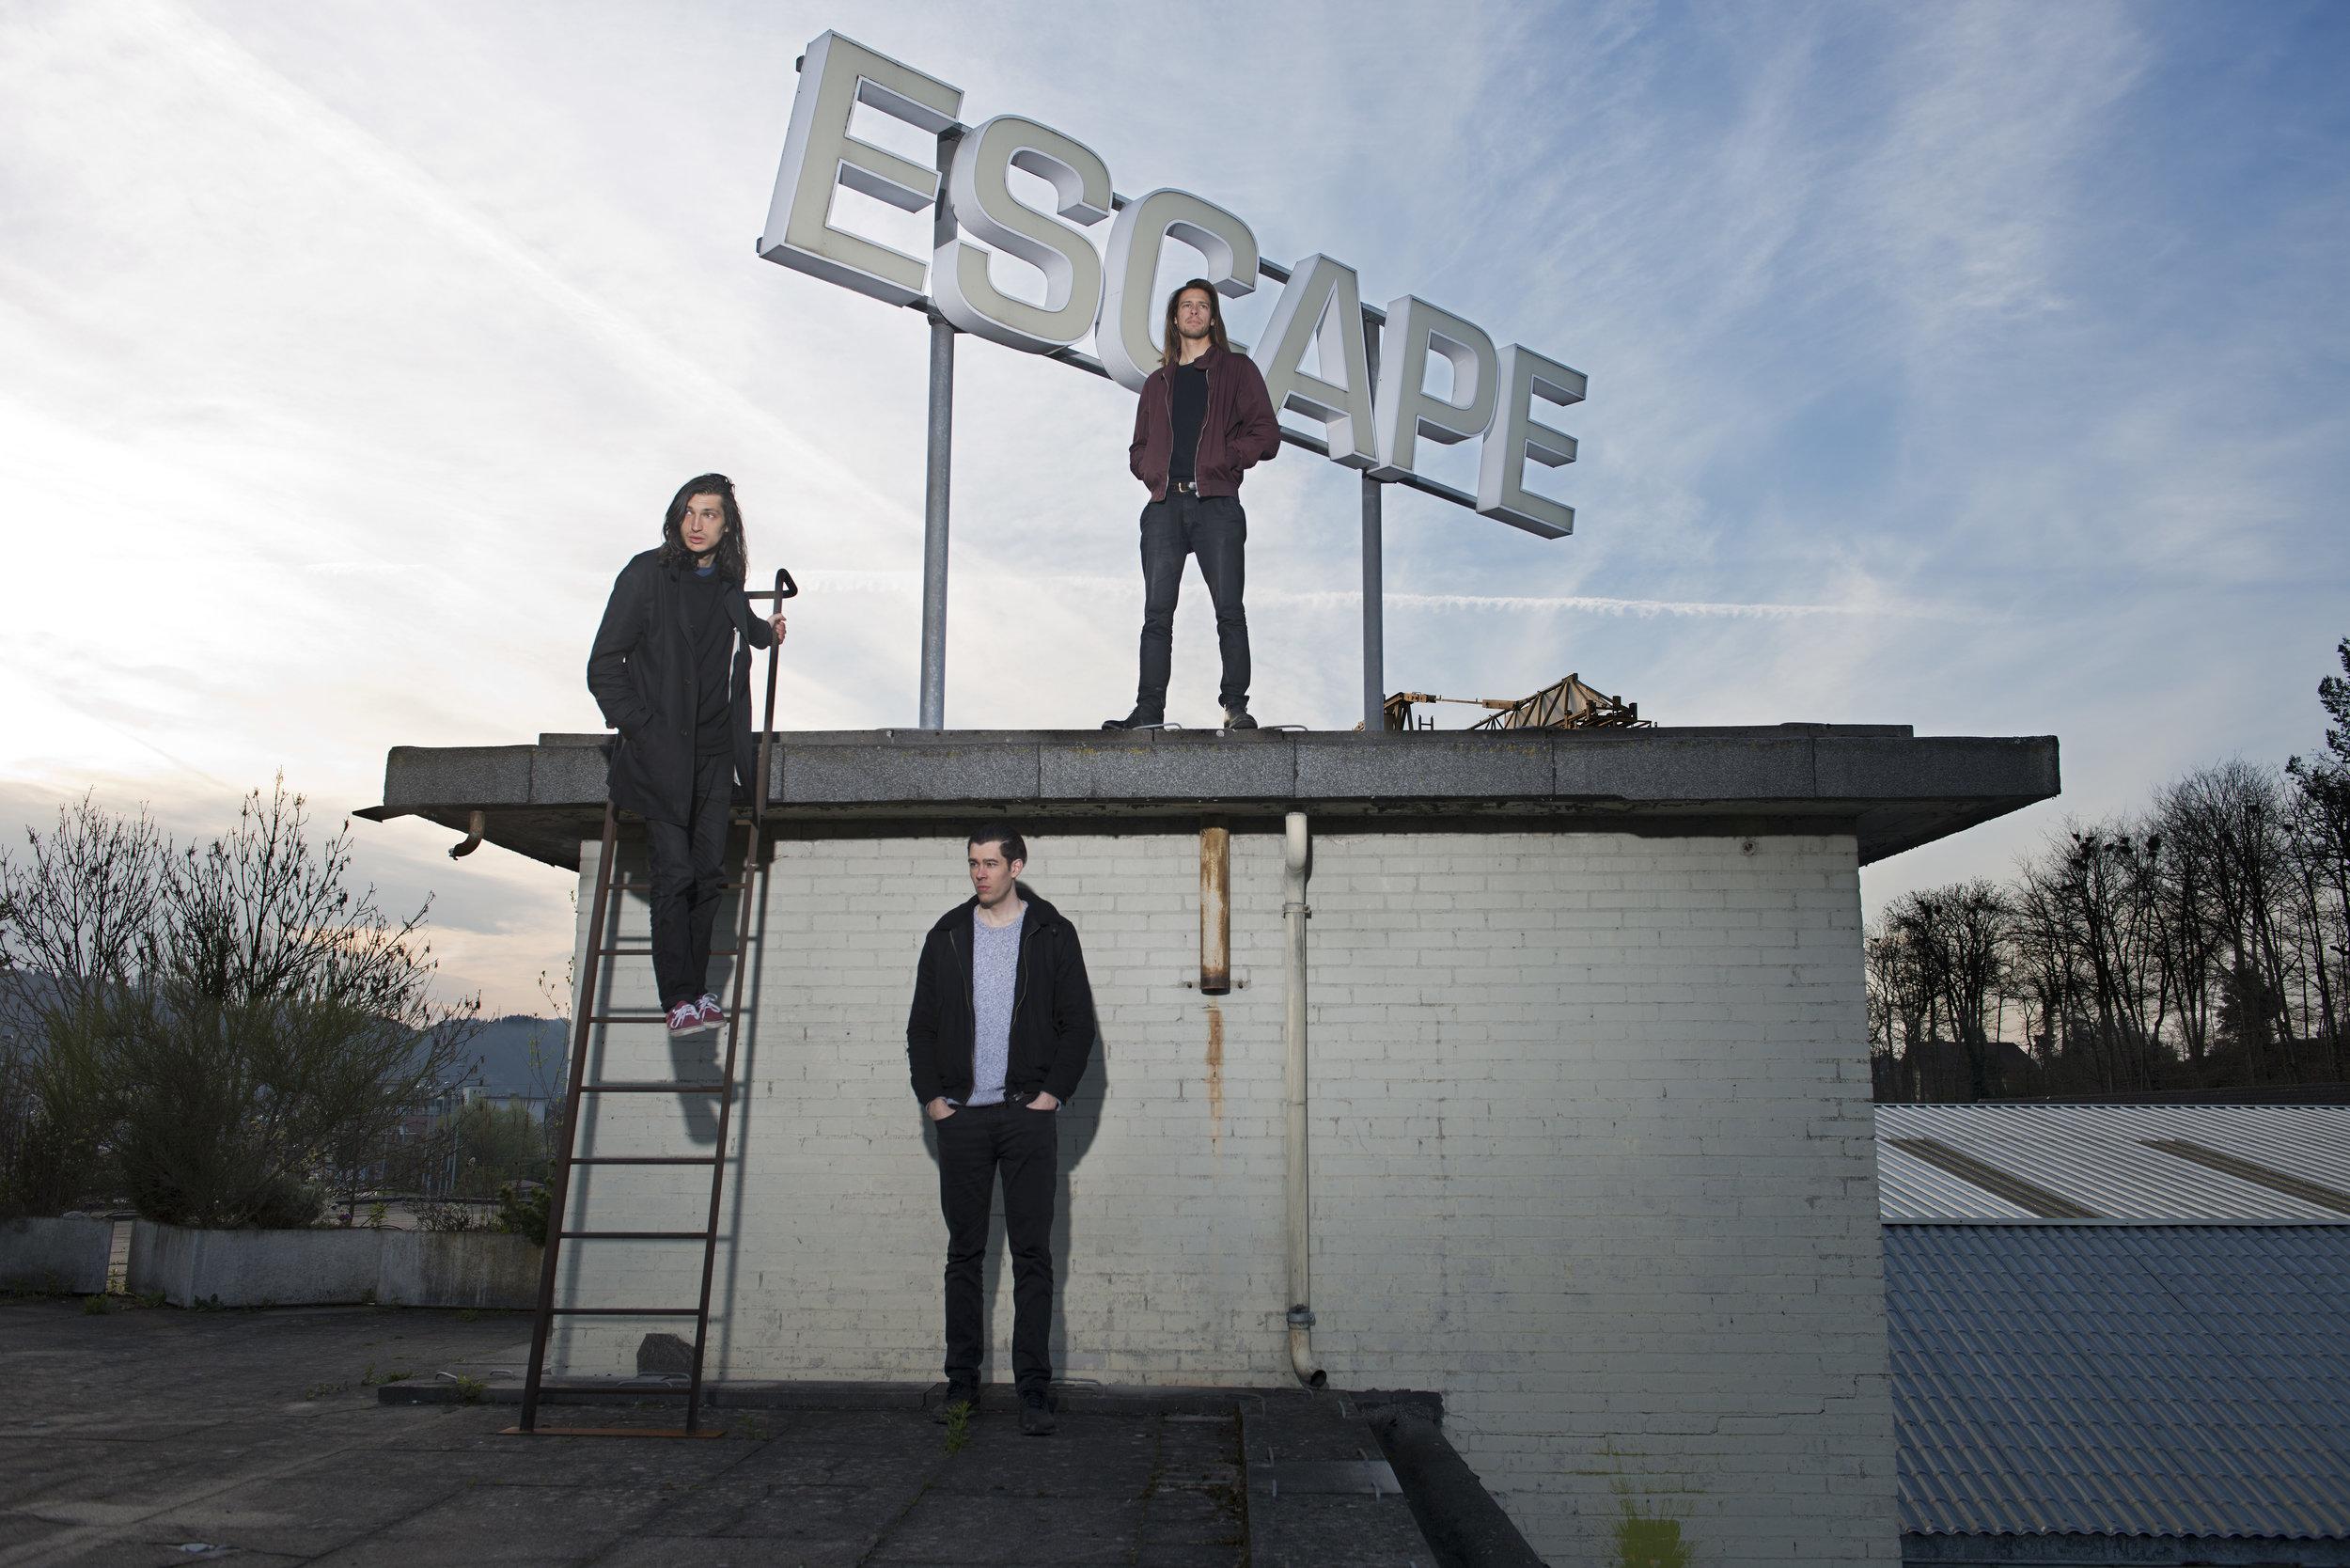 escape_3_3.jpg